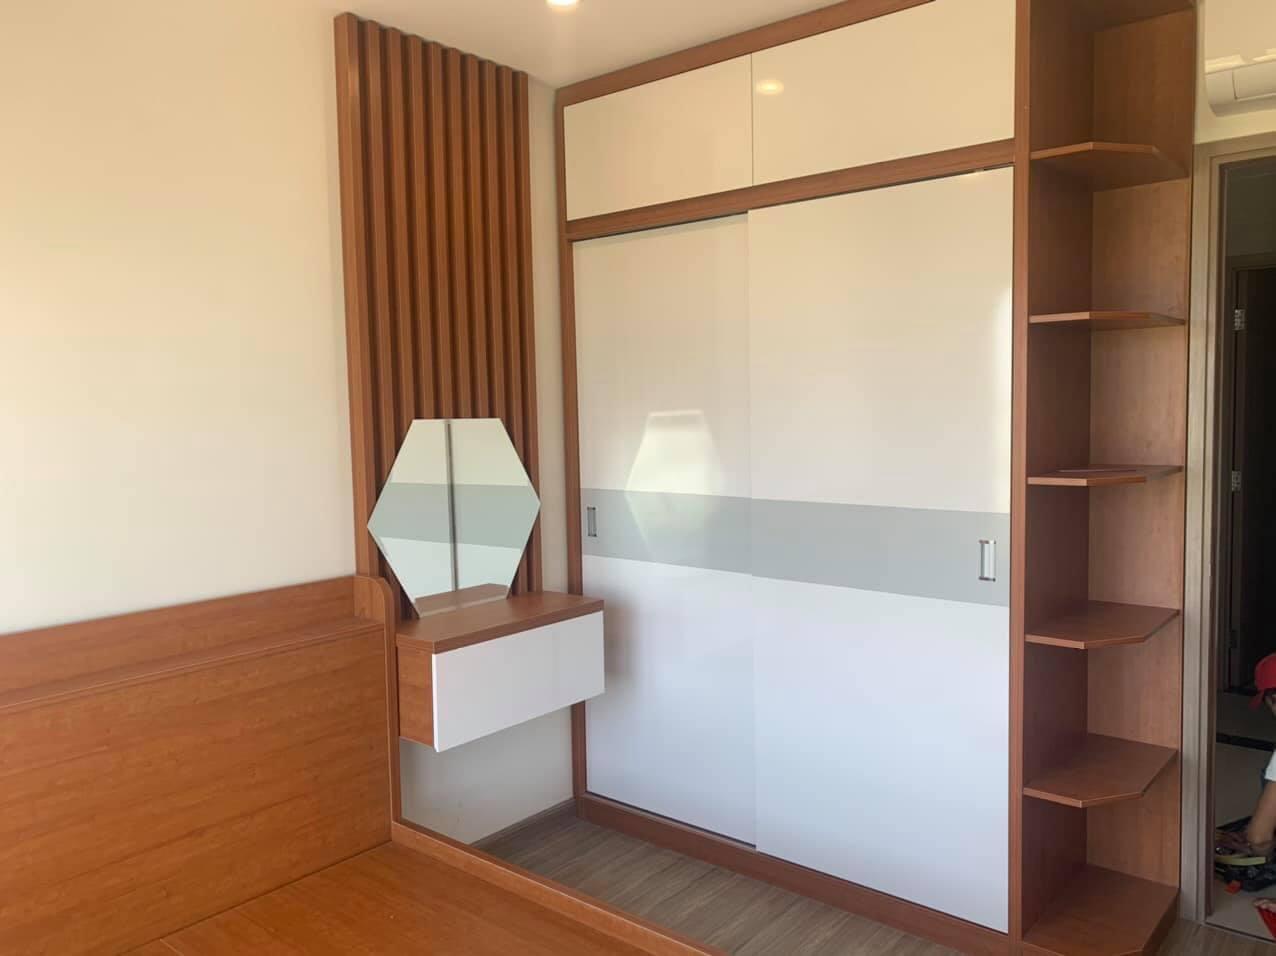 Căn hộ 1 phòng ngủ tầng 16 toà S2.02 nội thất 6tr/tháng 2